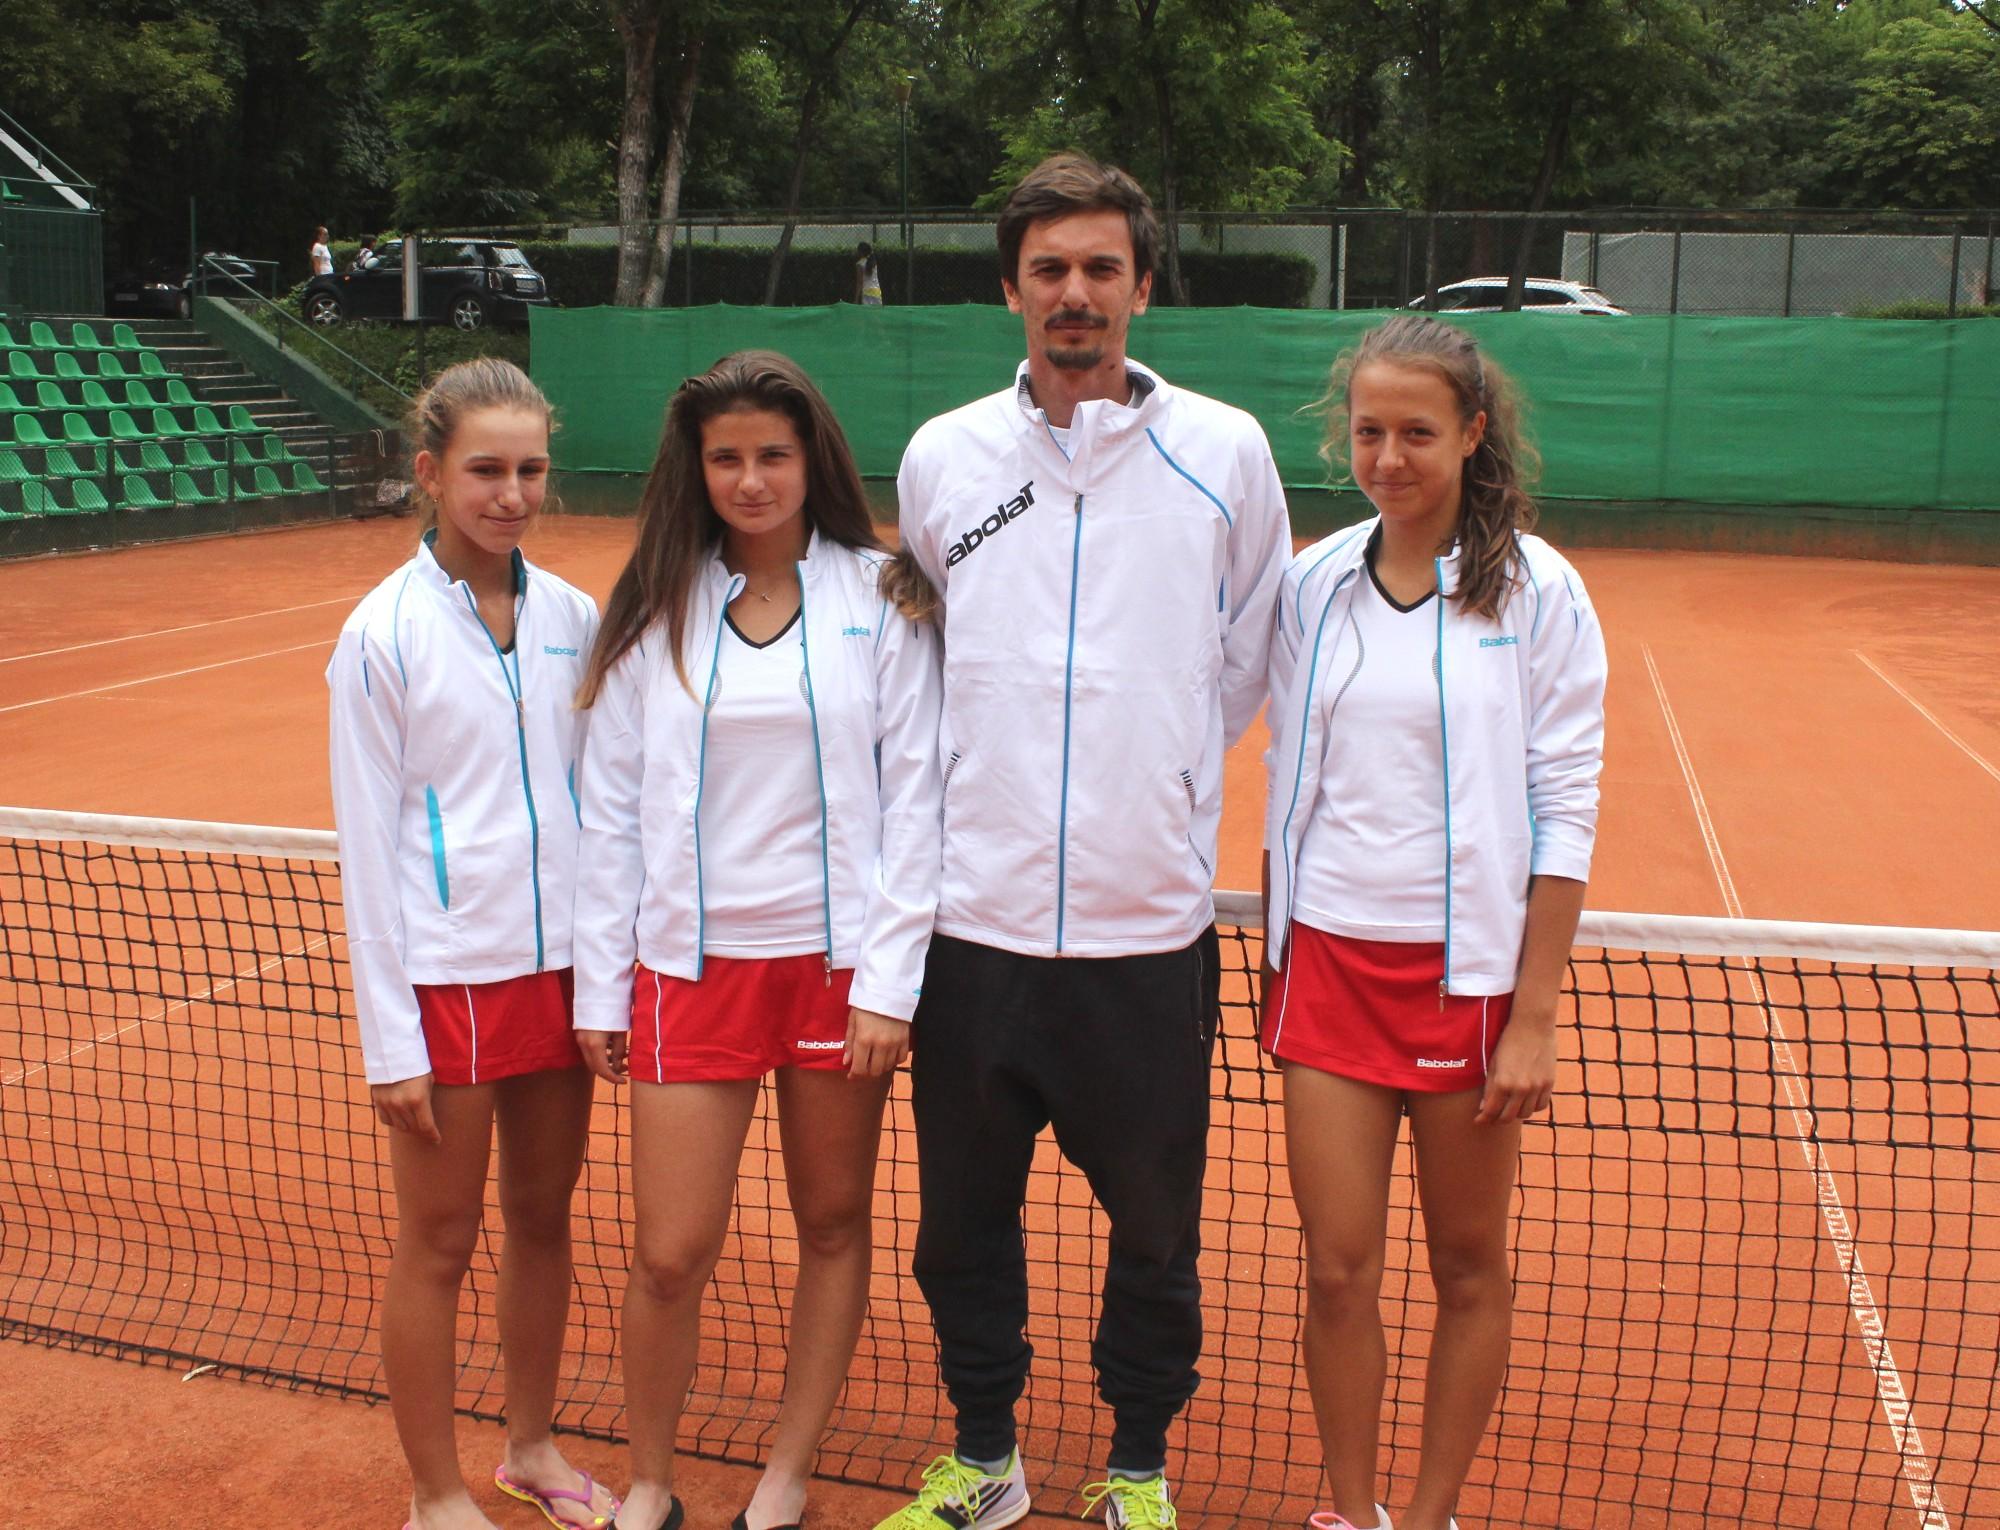 Националните отбори до 14 години заминават за европейски първенства